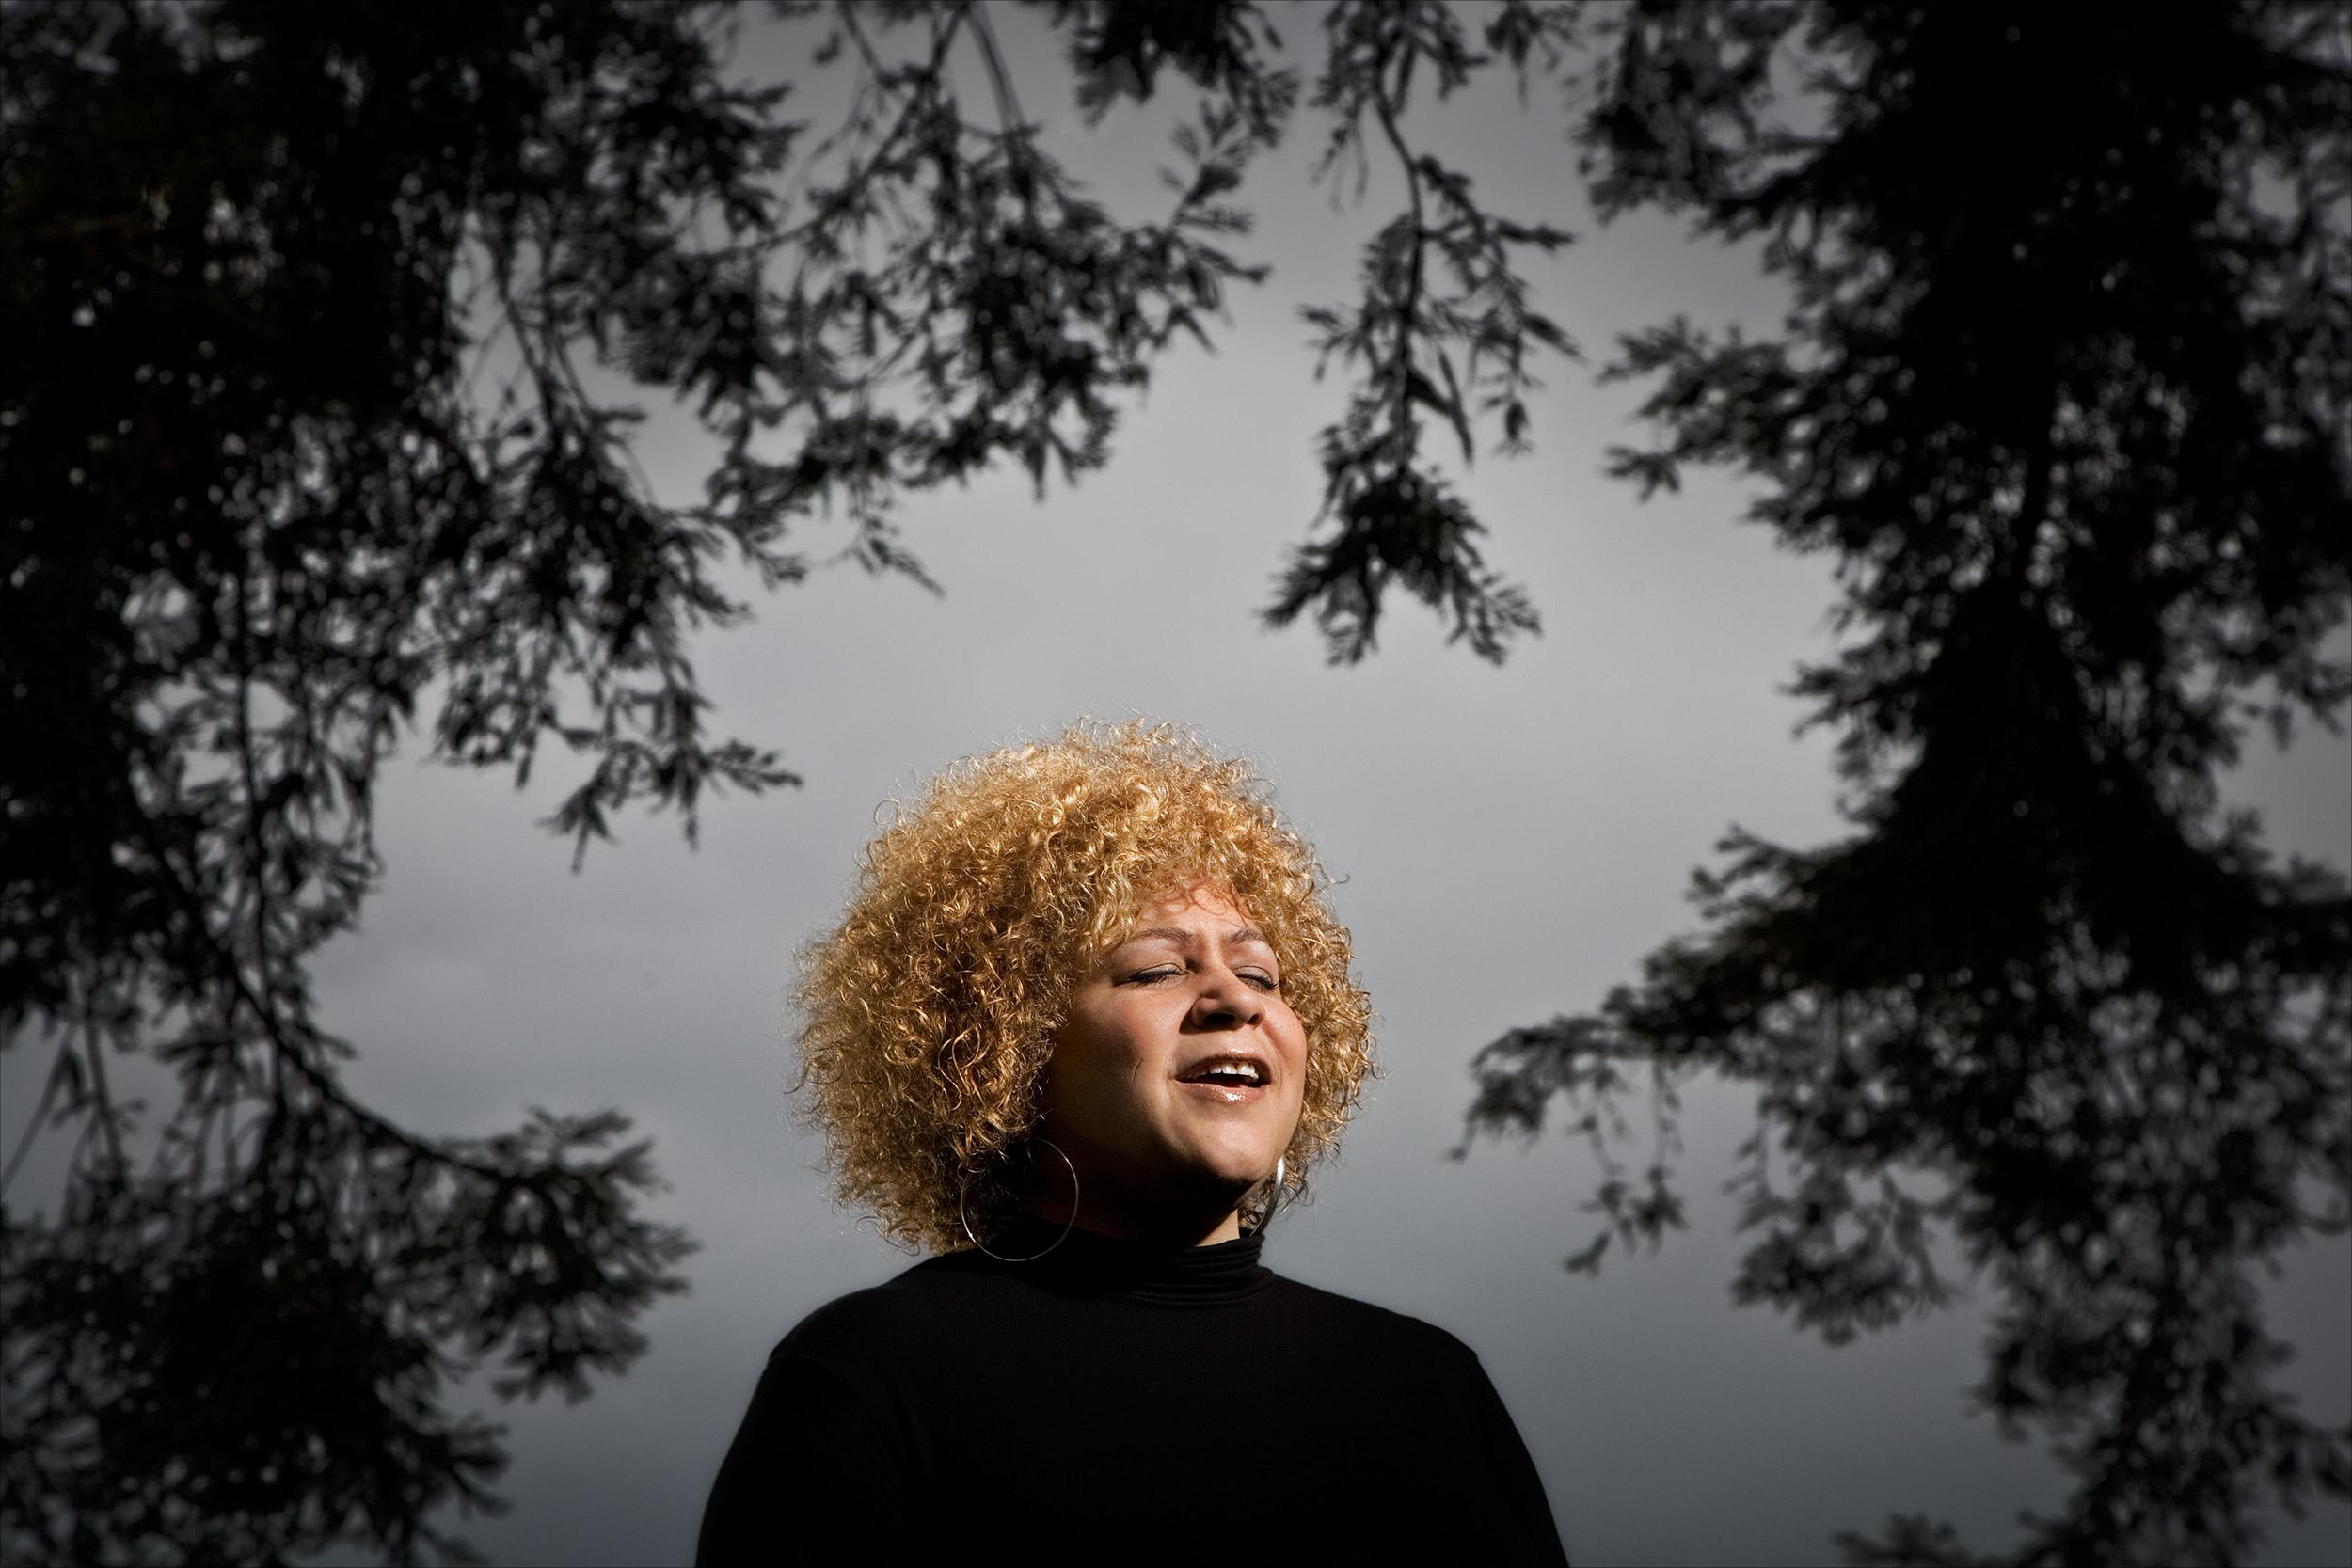 Sheila Blackwell, gospel singer